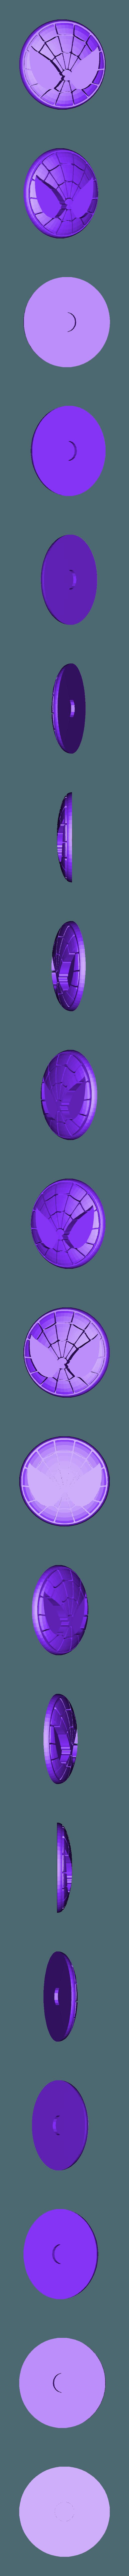 yoyo_spiderman_base.STL Télécharger fichier STL gratuit Spiderman yoyo • Modèle à imprimer en 3D, lolo_aguirre